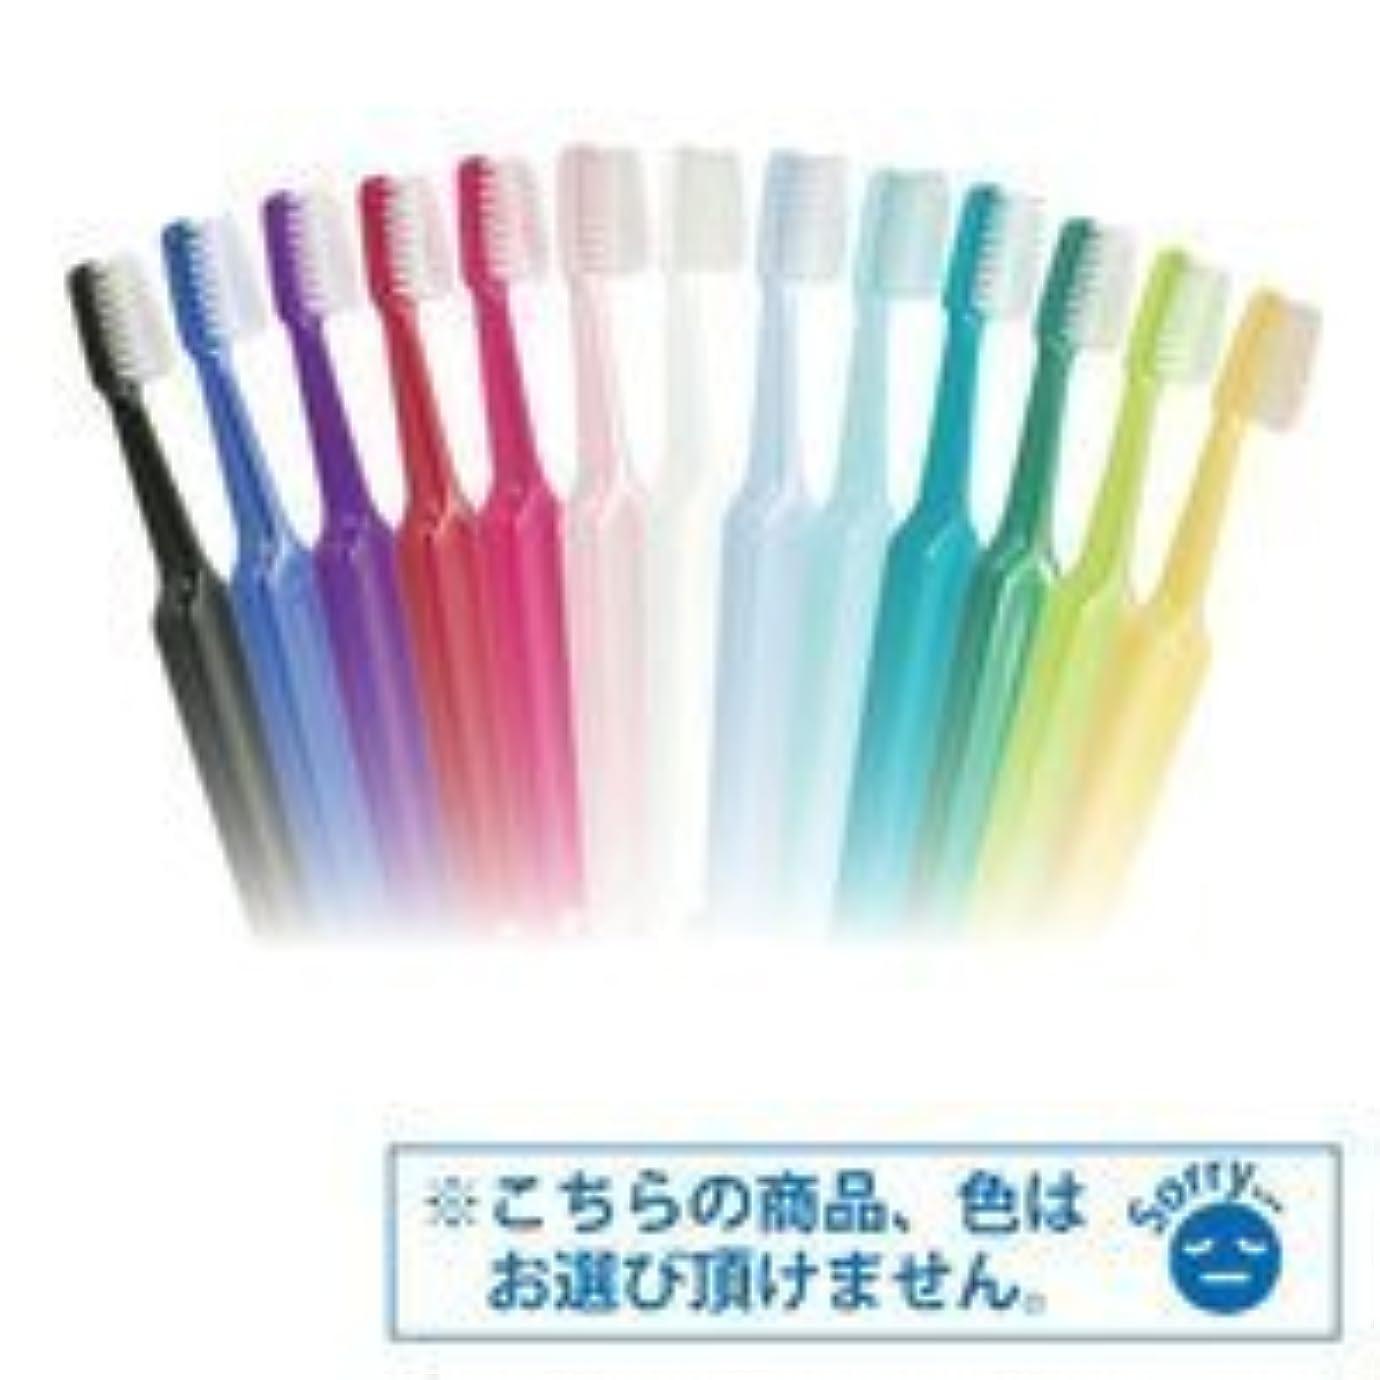 バレルストライクデンマークTepe歯ブラシ セレクトコンパクト/ミディアム 25本/箱